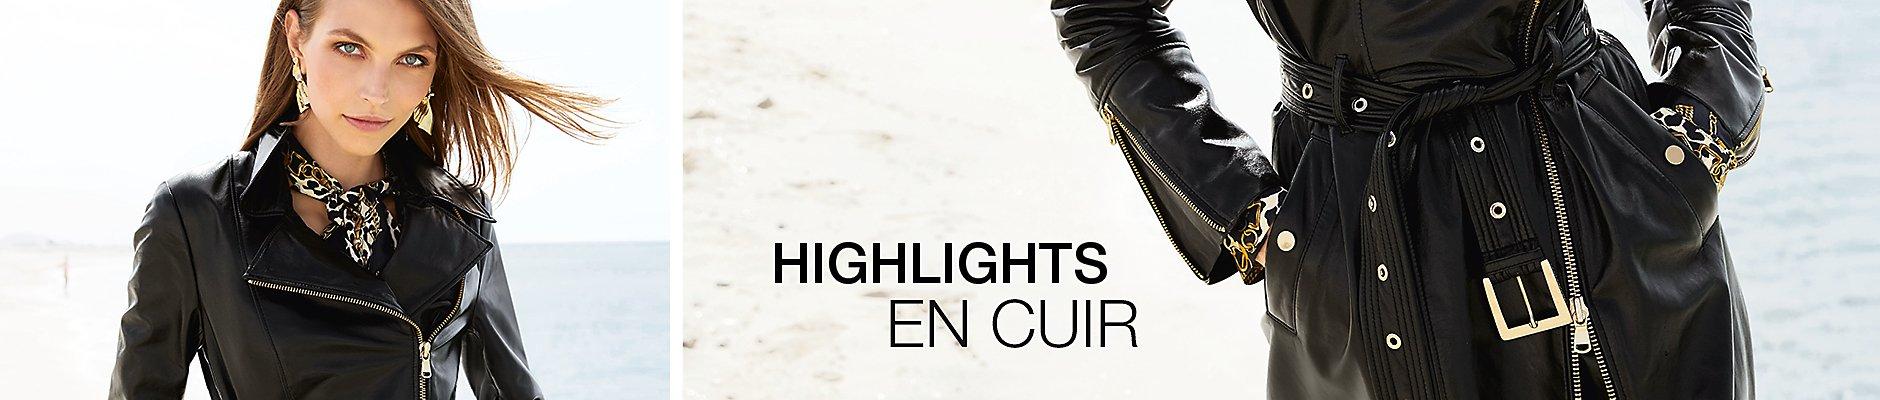 Highlights en cuir